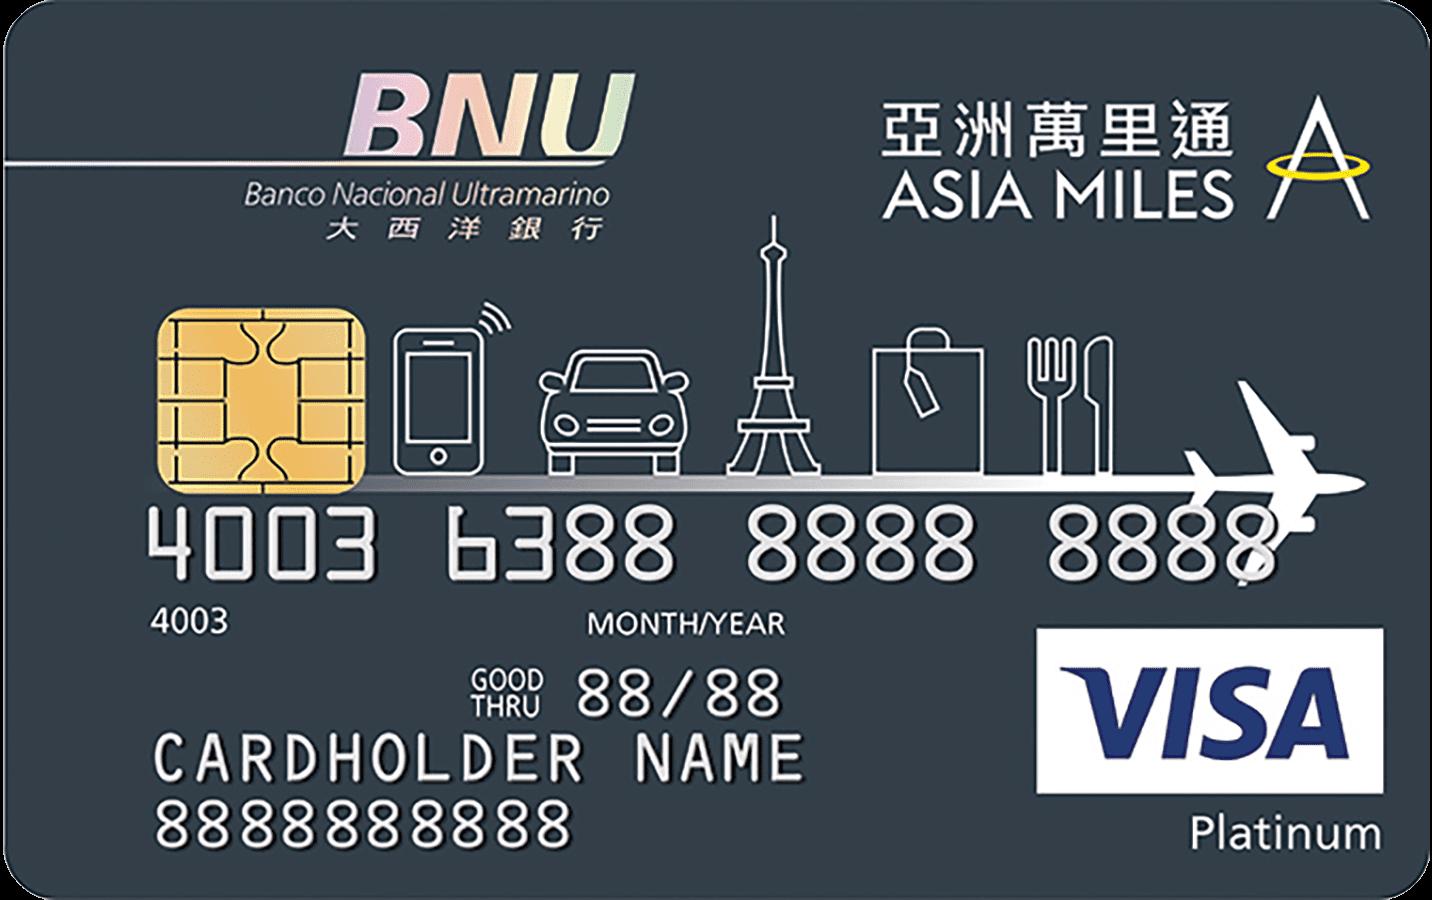 MO560_creditcard_bnu_am